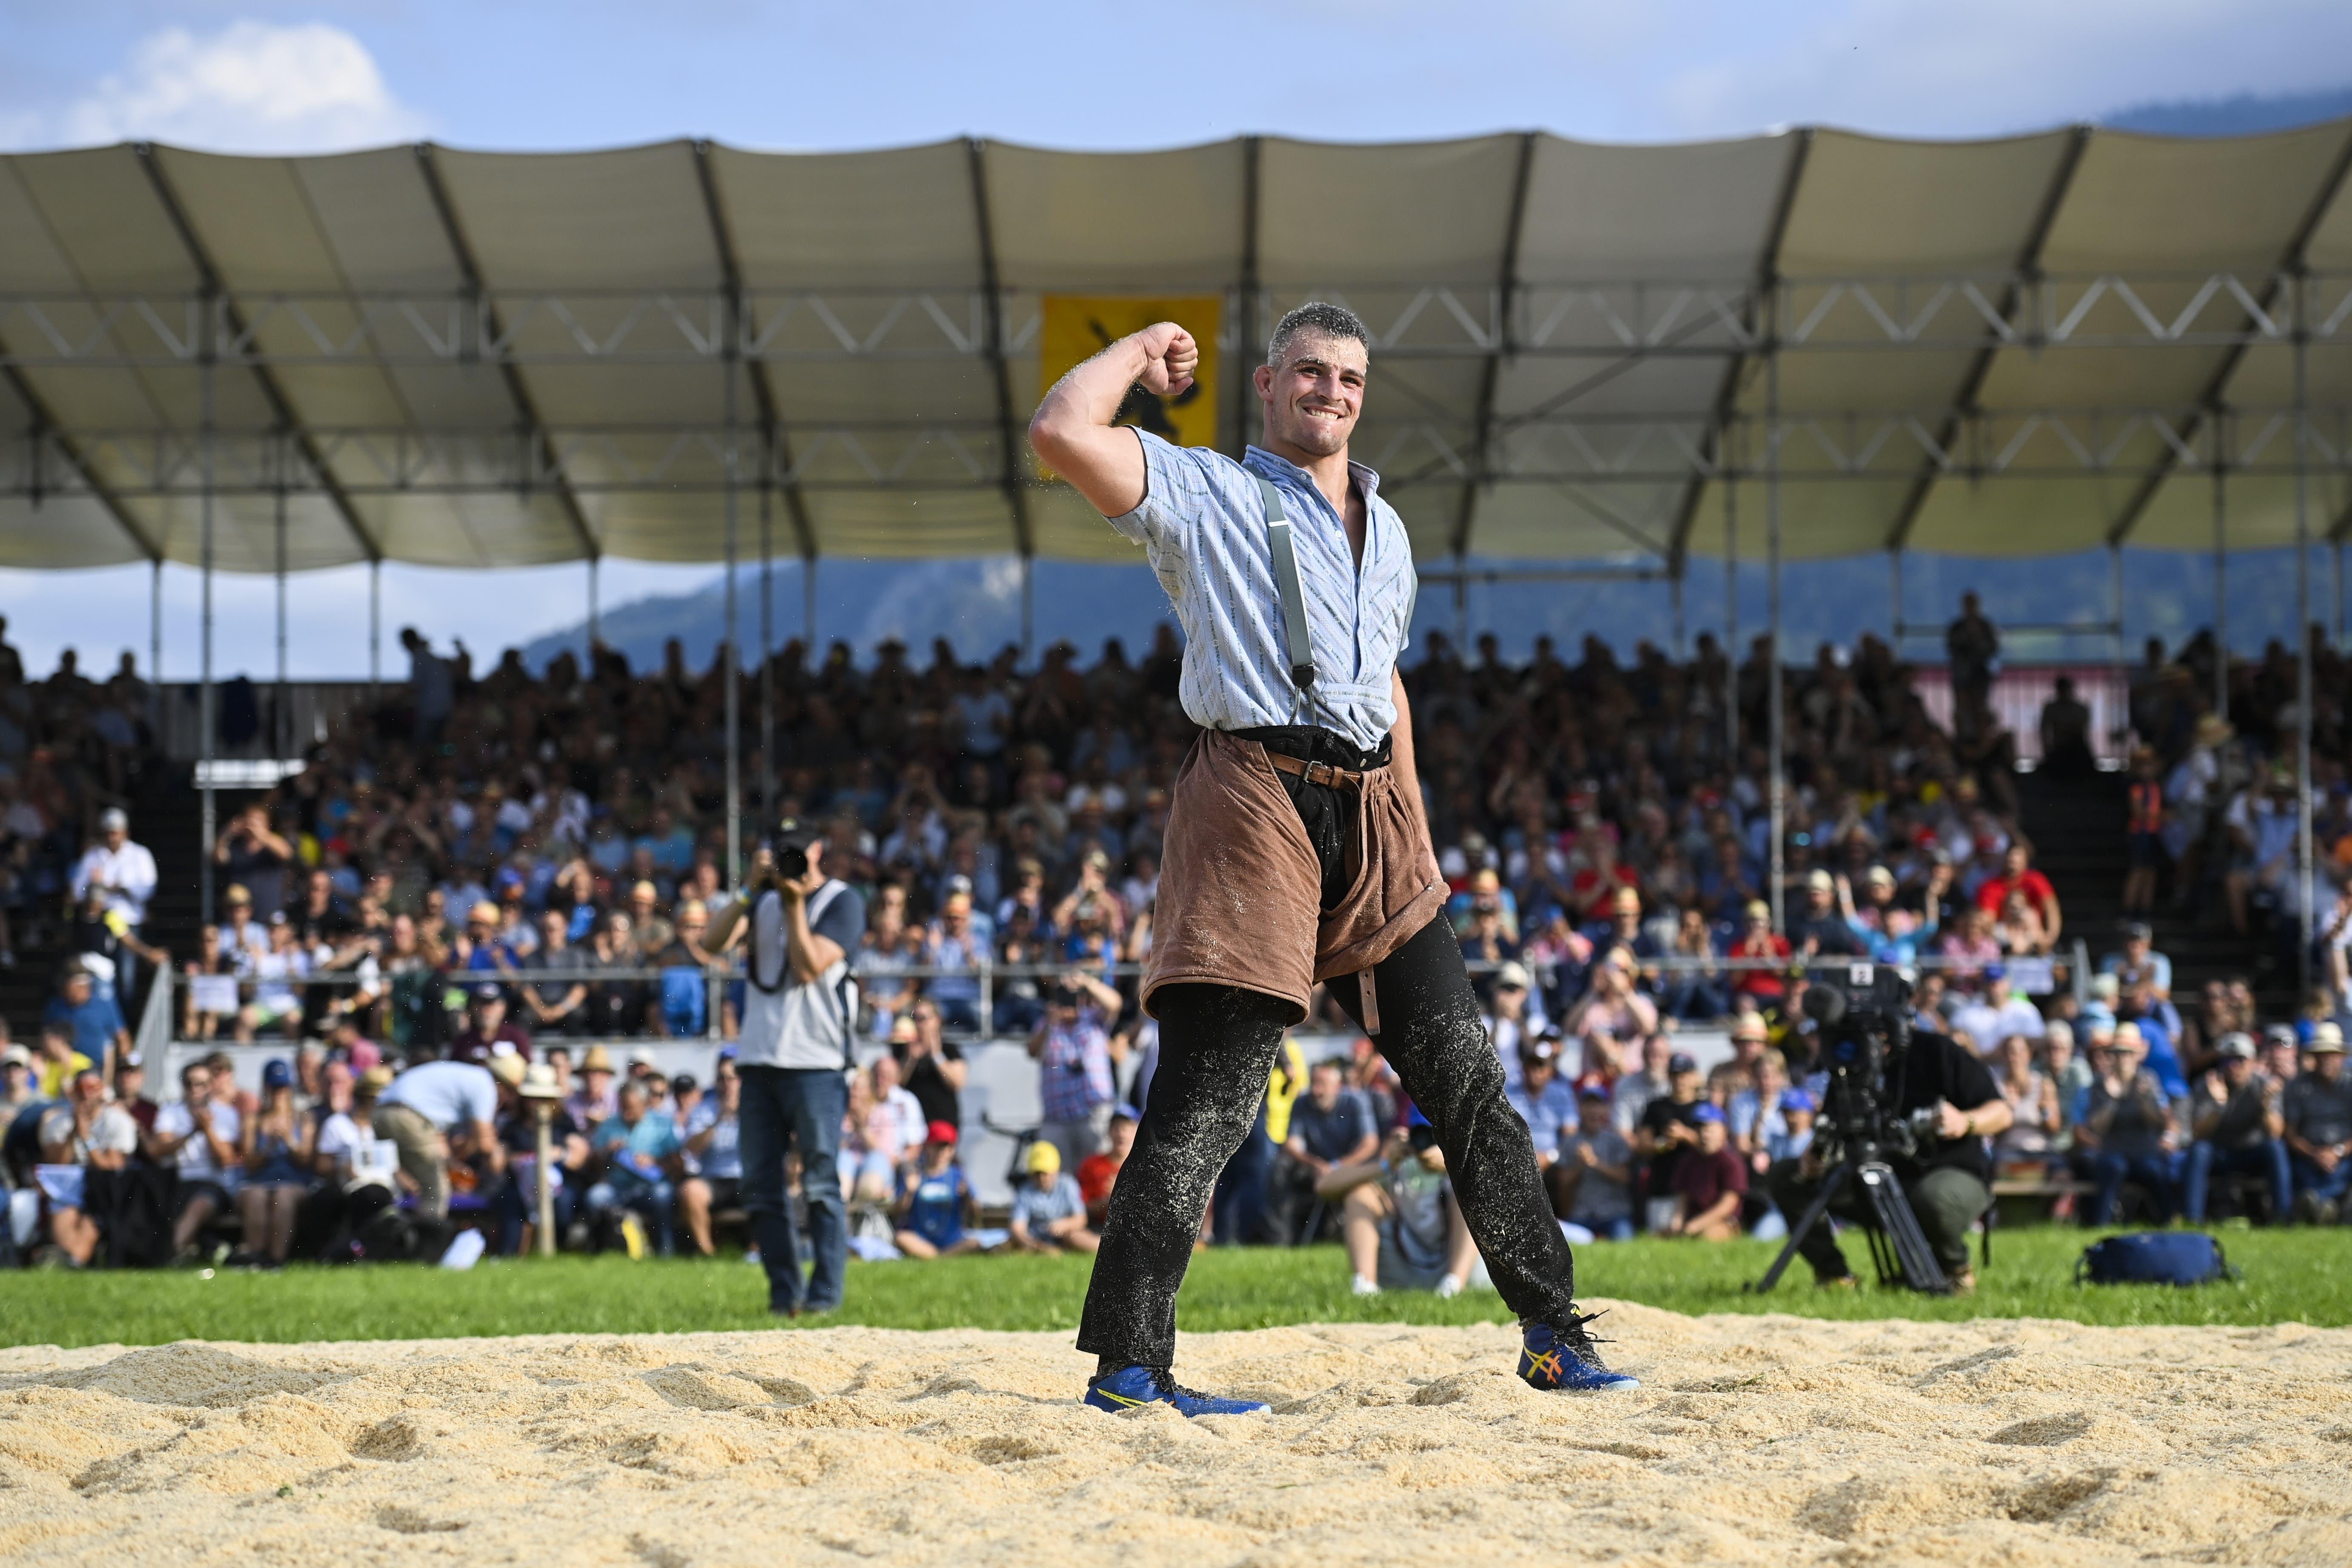 Samuel Giger: Der 23-jährige Thurgauer dominierte die Saison mit sieben Kranzfestsiegen und ist Favorit in Kilchberg.